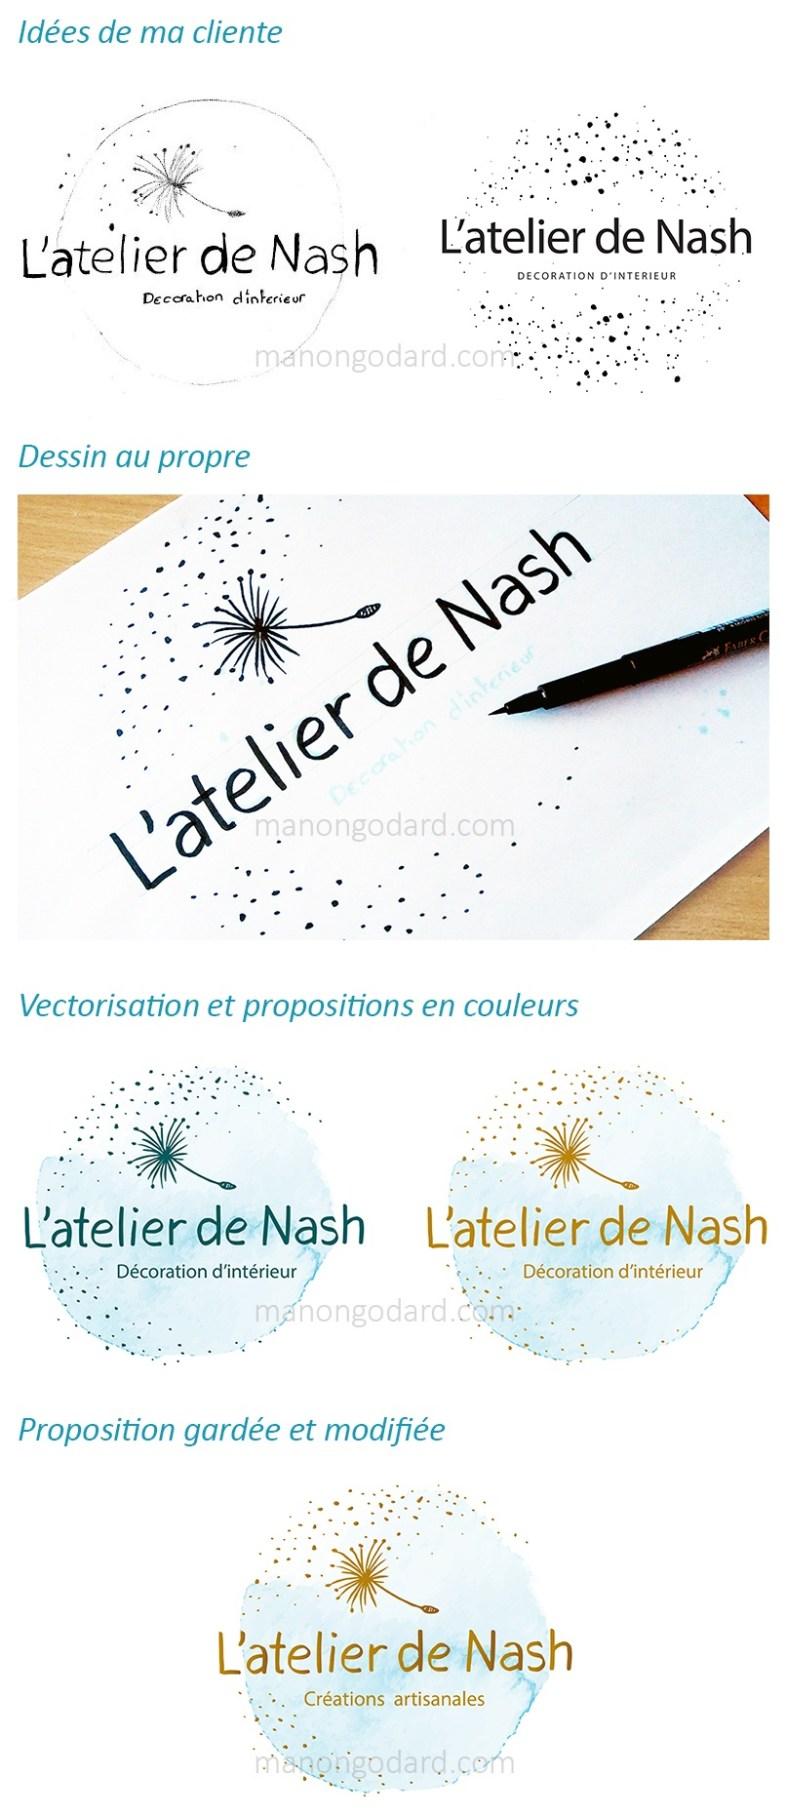 """Etapes de la création du logo """"L'atelier de Nash"""" - Croquis, dessin, propositions en couleurs, résultat final"""